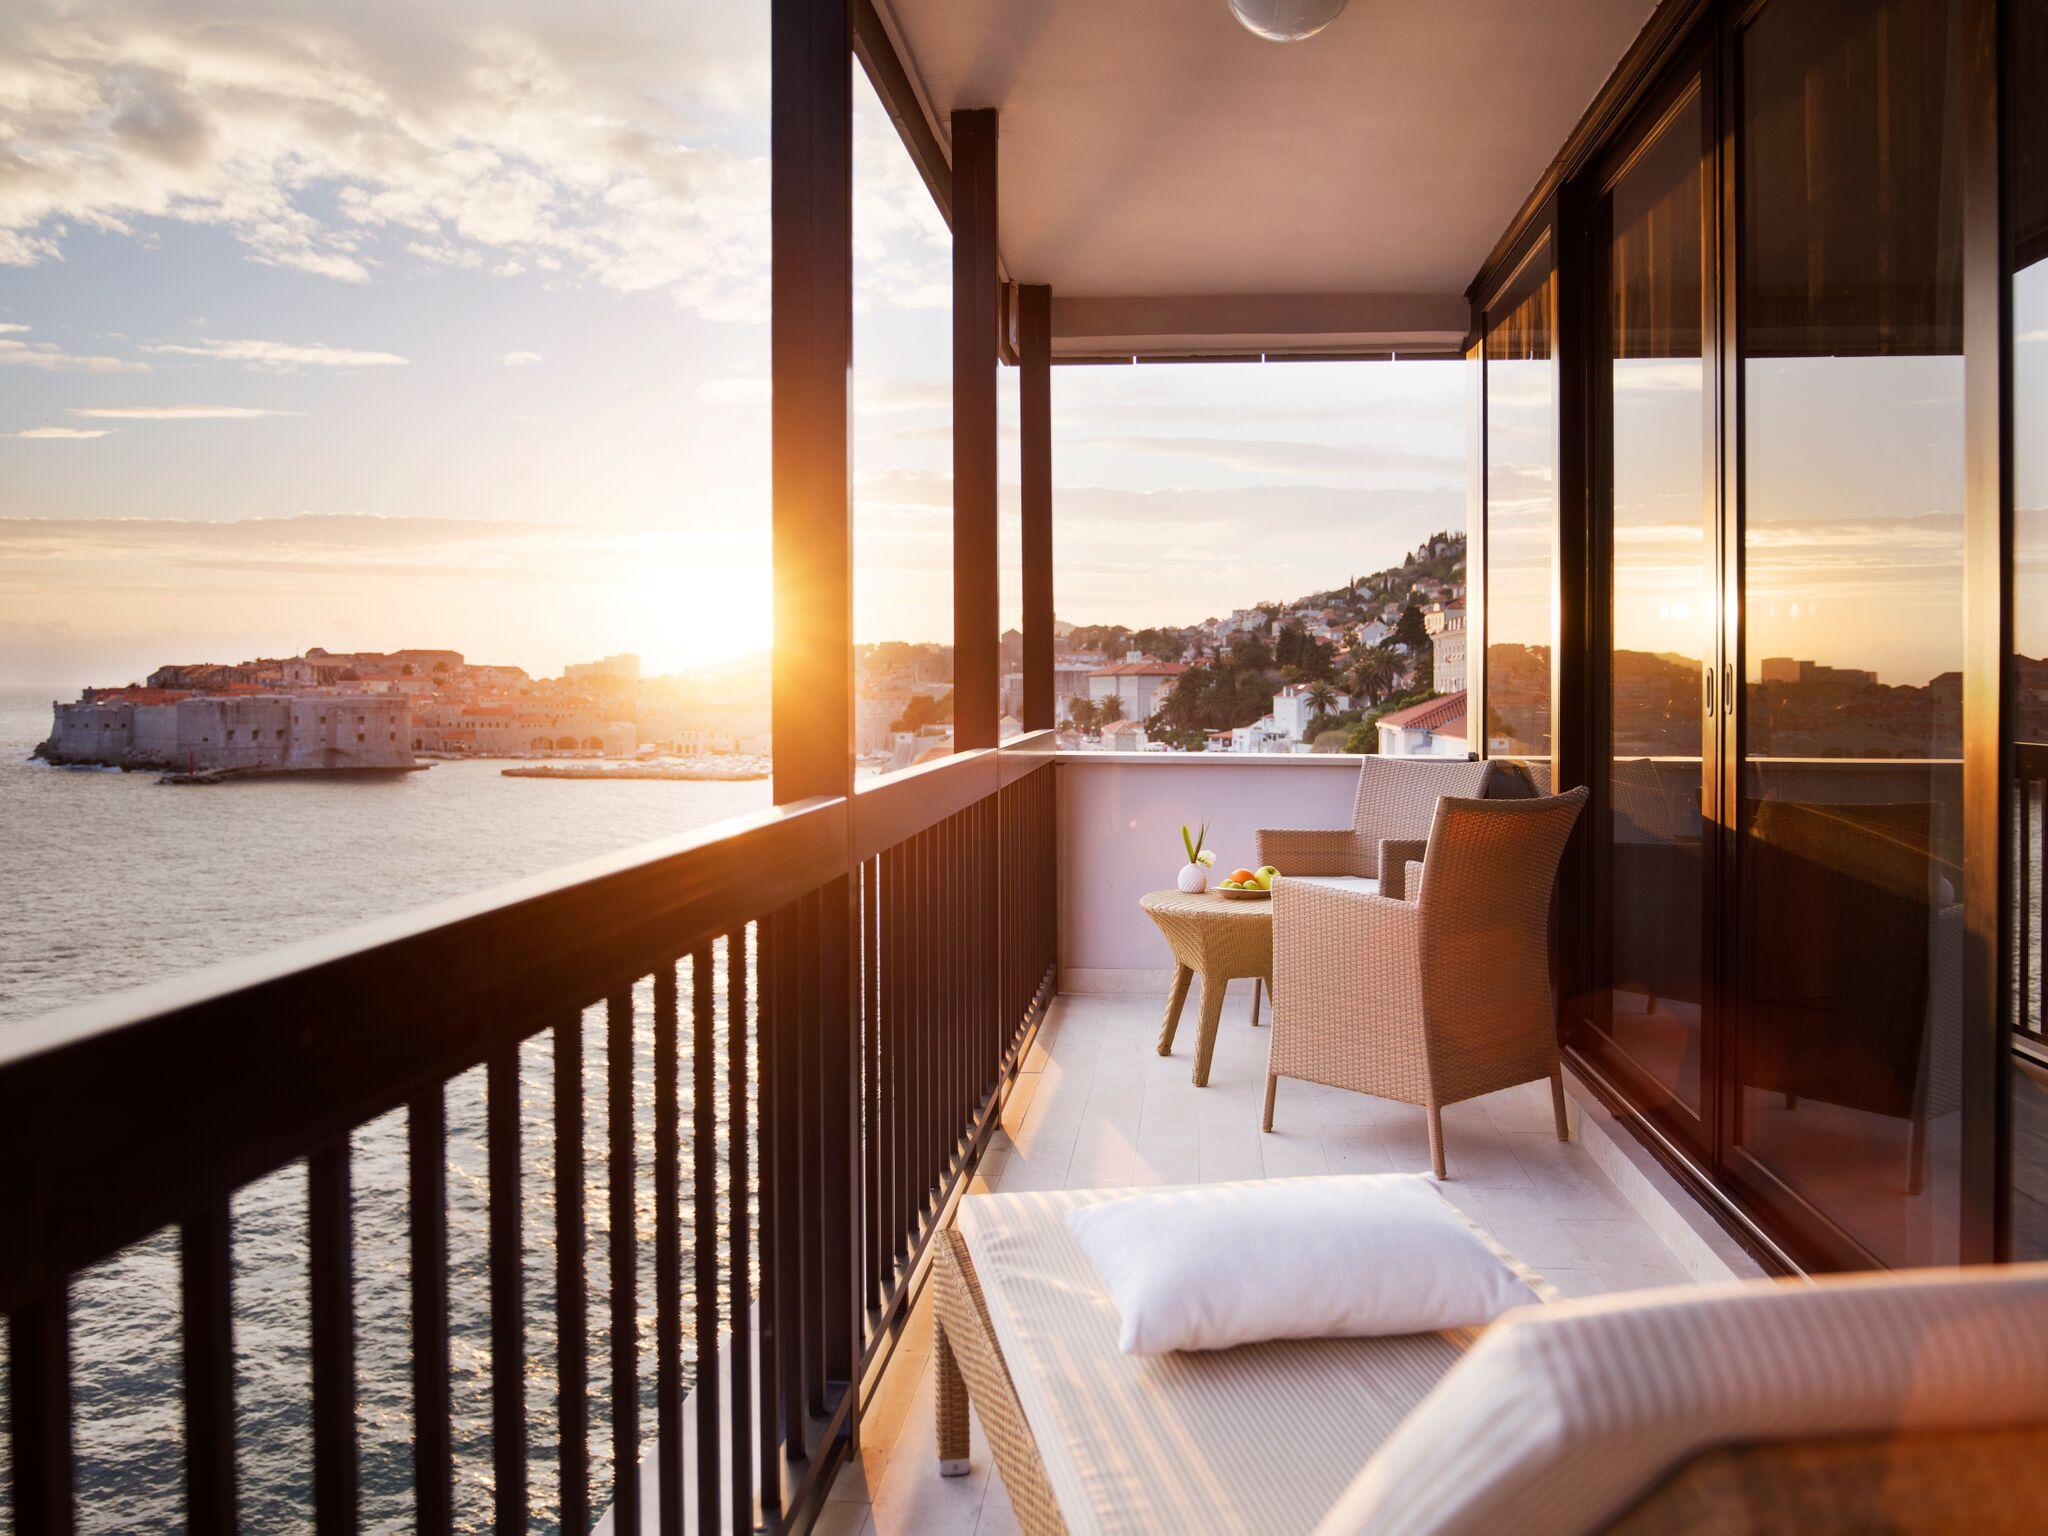 Hotel Excelsior Dubrovnik - Excelsior Suite Balcony